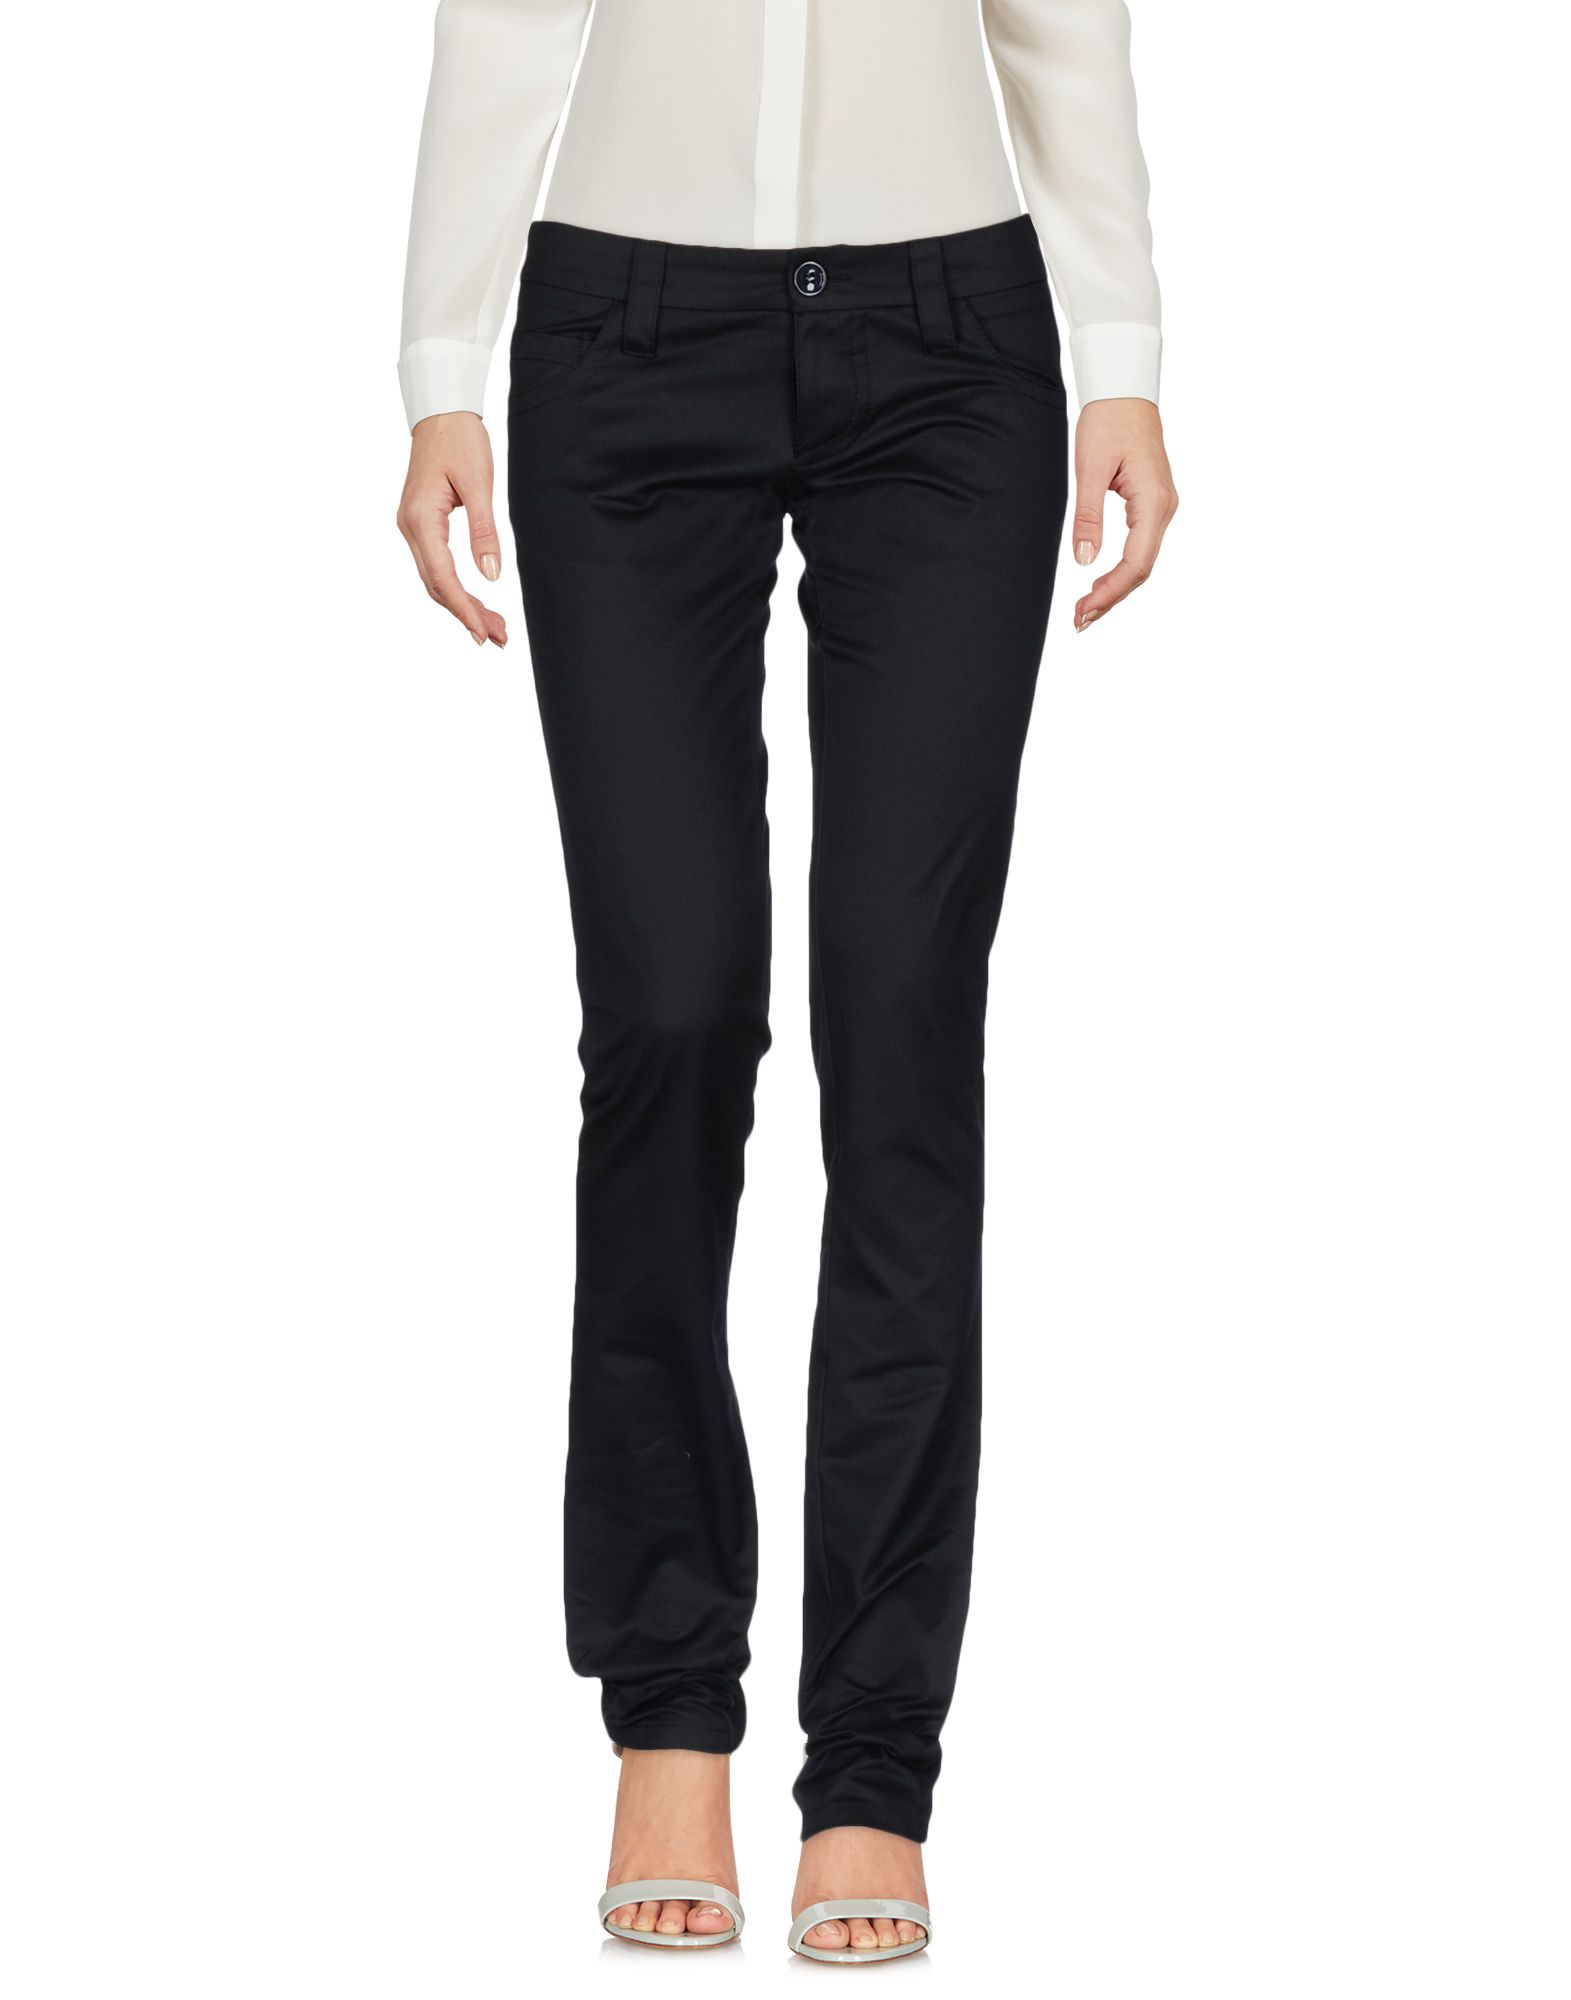 купить SHI 4 Повседневные брюки по цене 2700 рублей